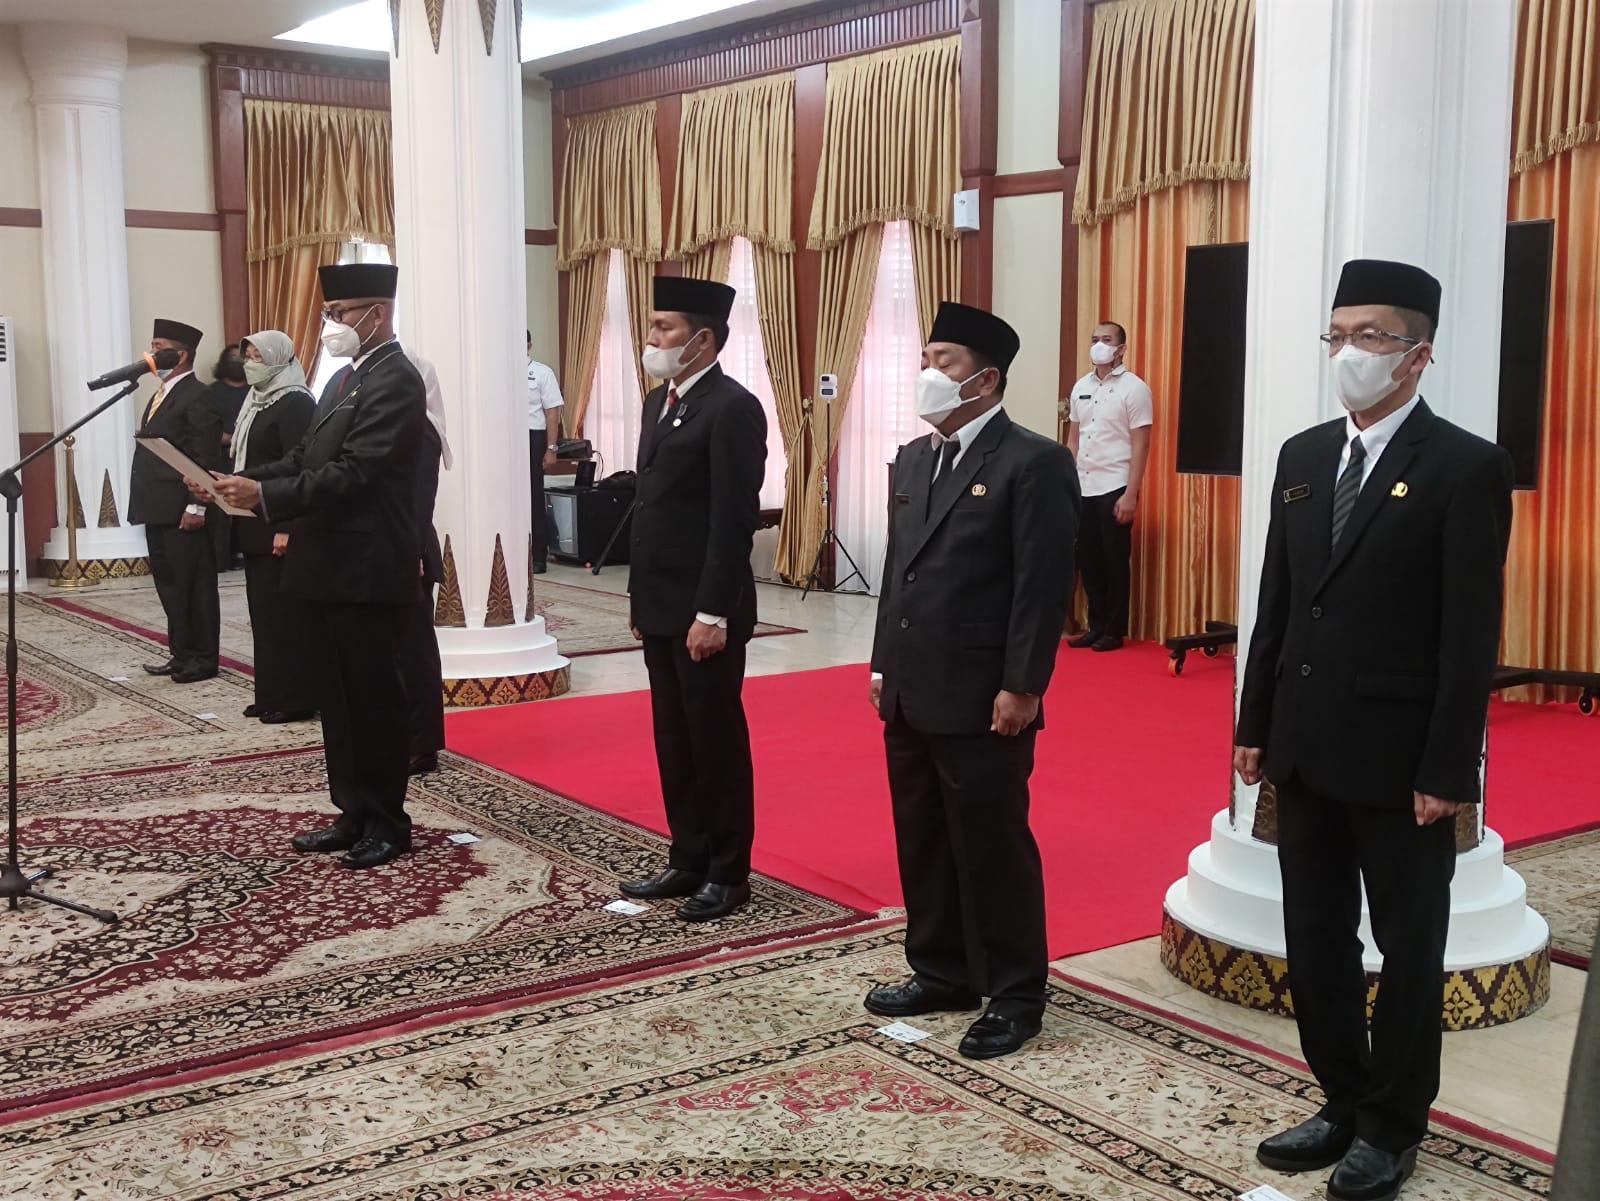 Enam Pejabat Dilantik Gubernur Kepri, Hasan Resmi Sandang Karo Humprohub